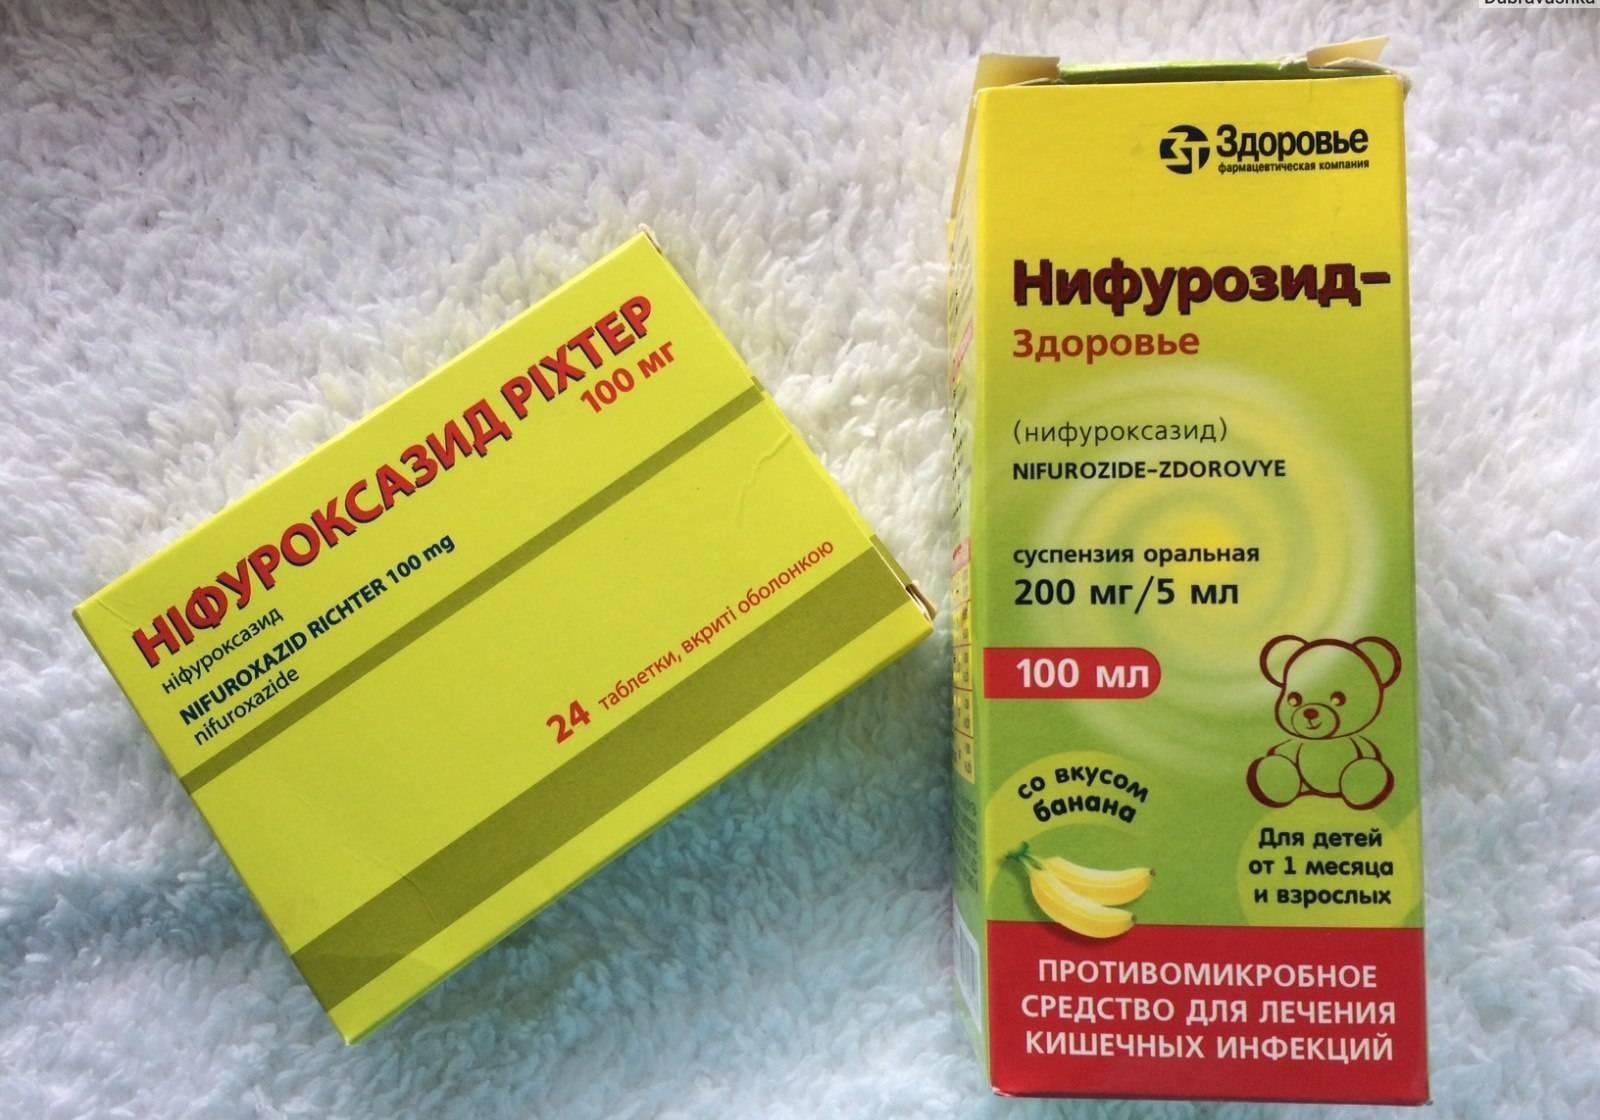 «нифуроксазид» для ребенка: инструкция по применению и отзывы